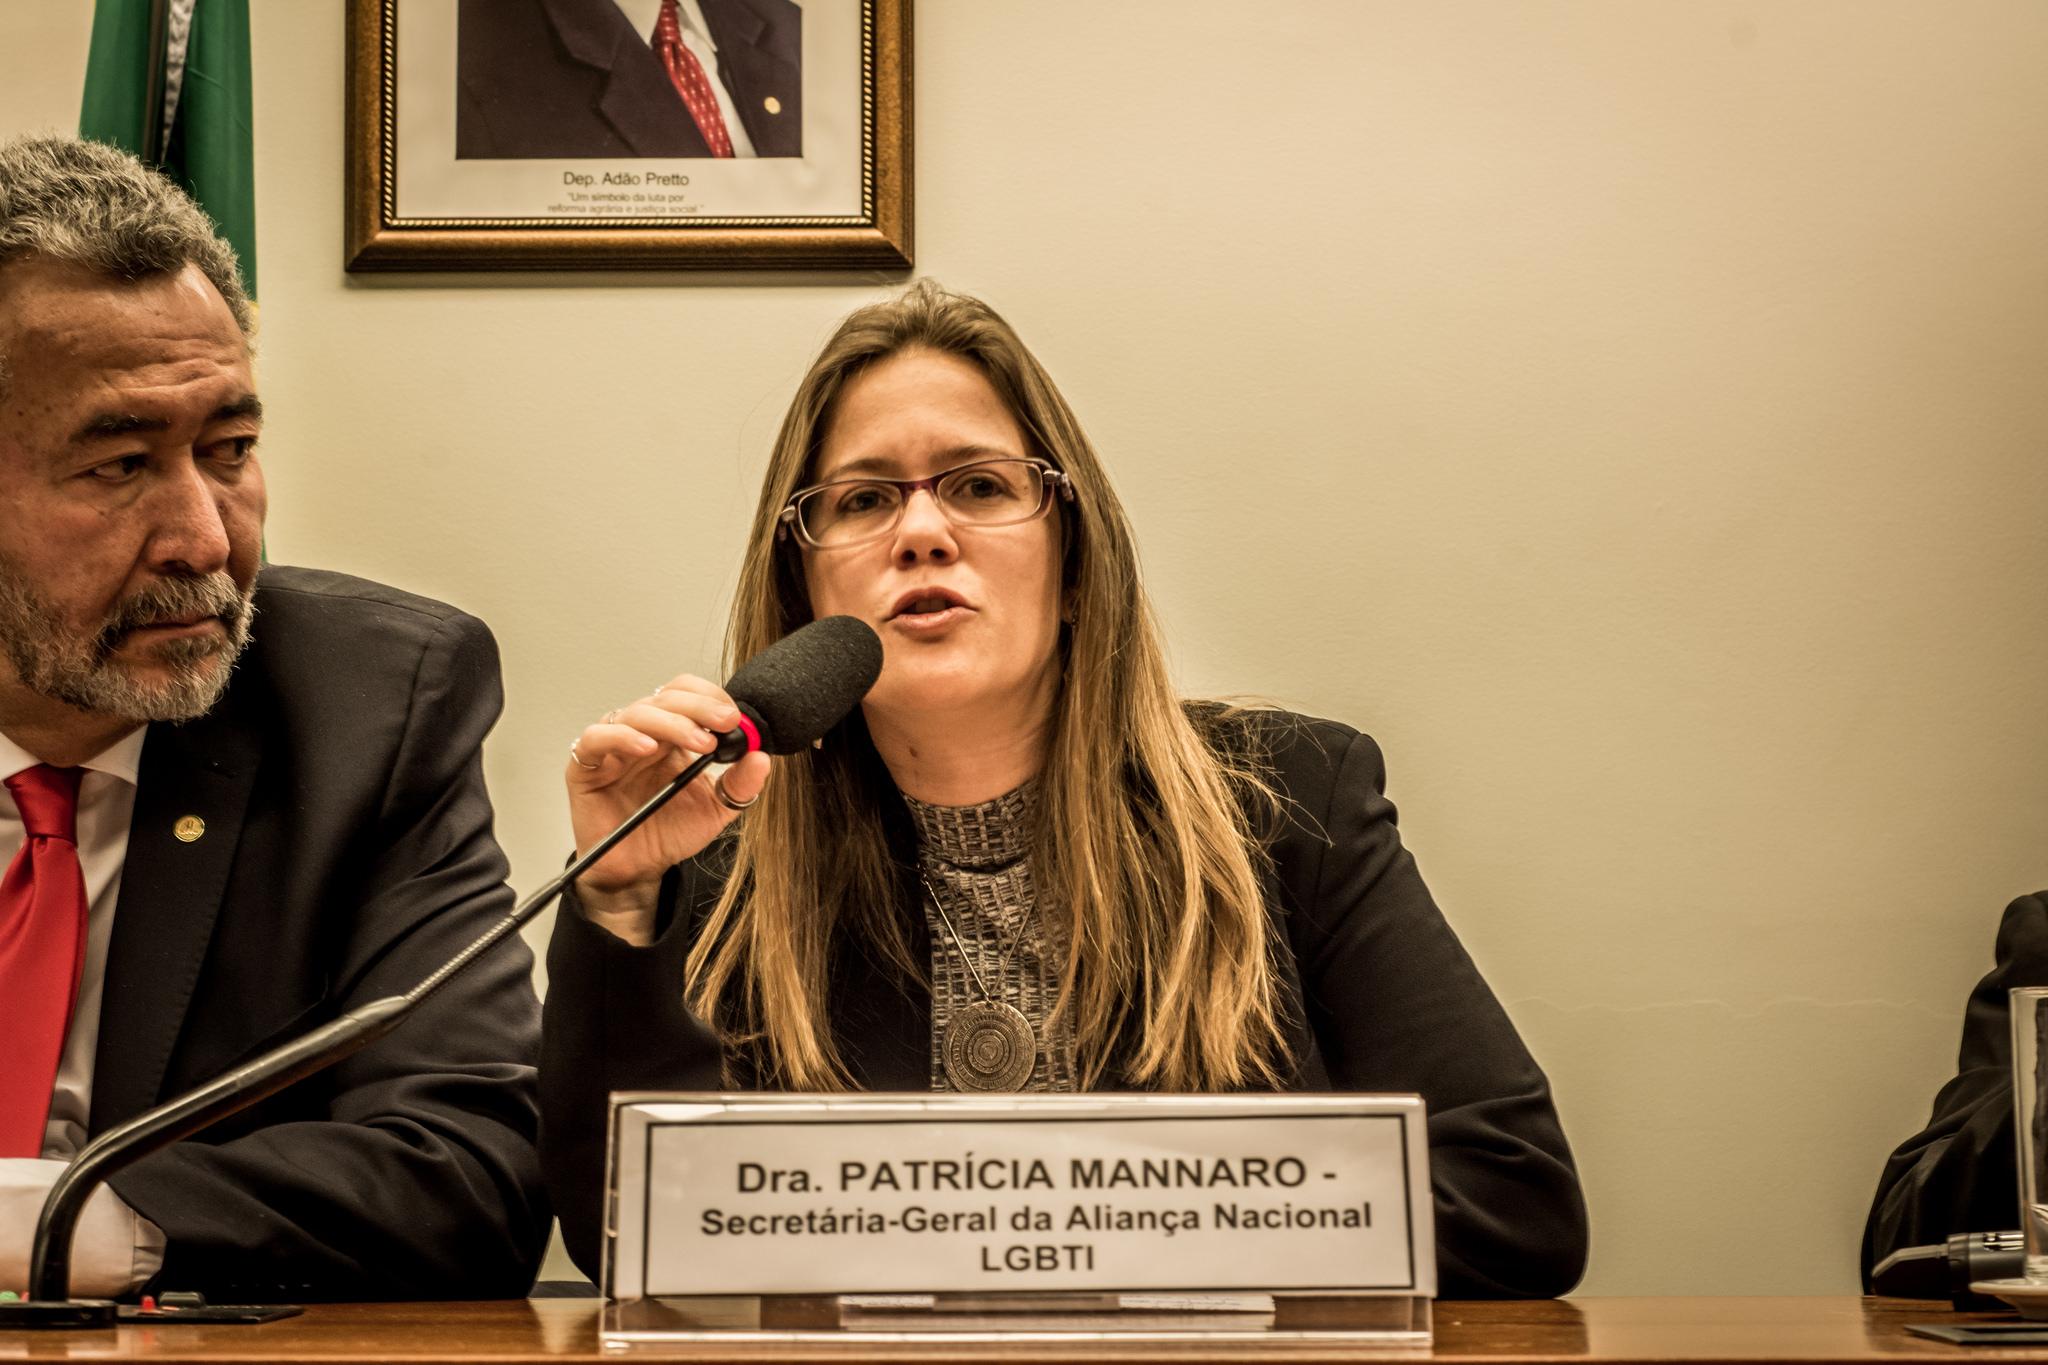 Patrícia Mannaro, Secretária-Geral da Aliança Nacional LGBTI+ falando na audiência